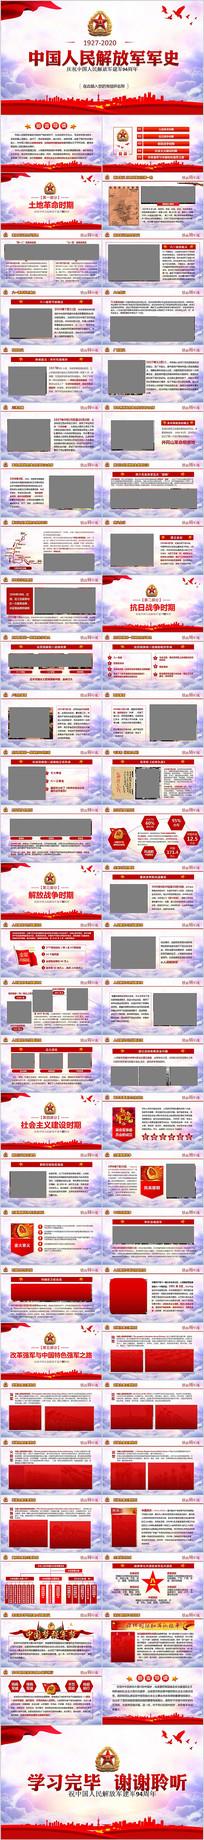 解读建军节中国人民解放军军史ppt模板